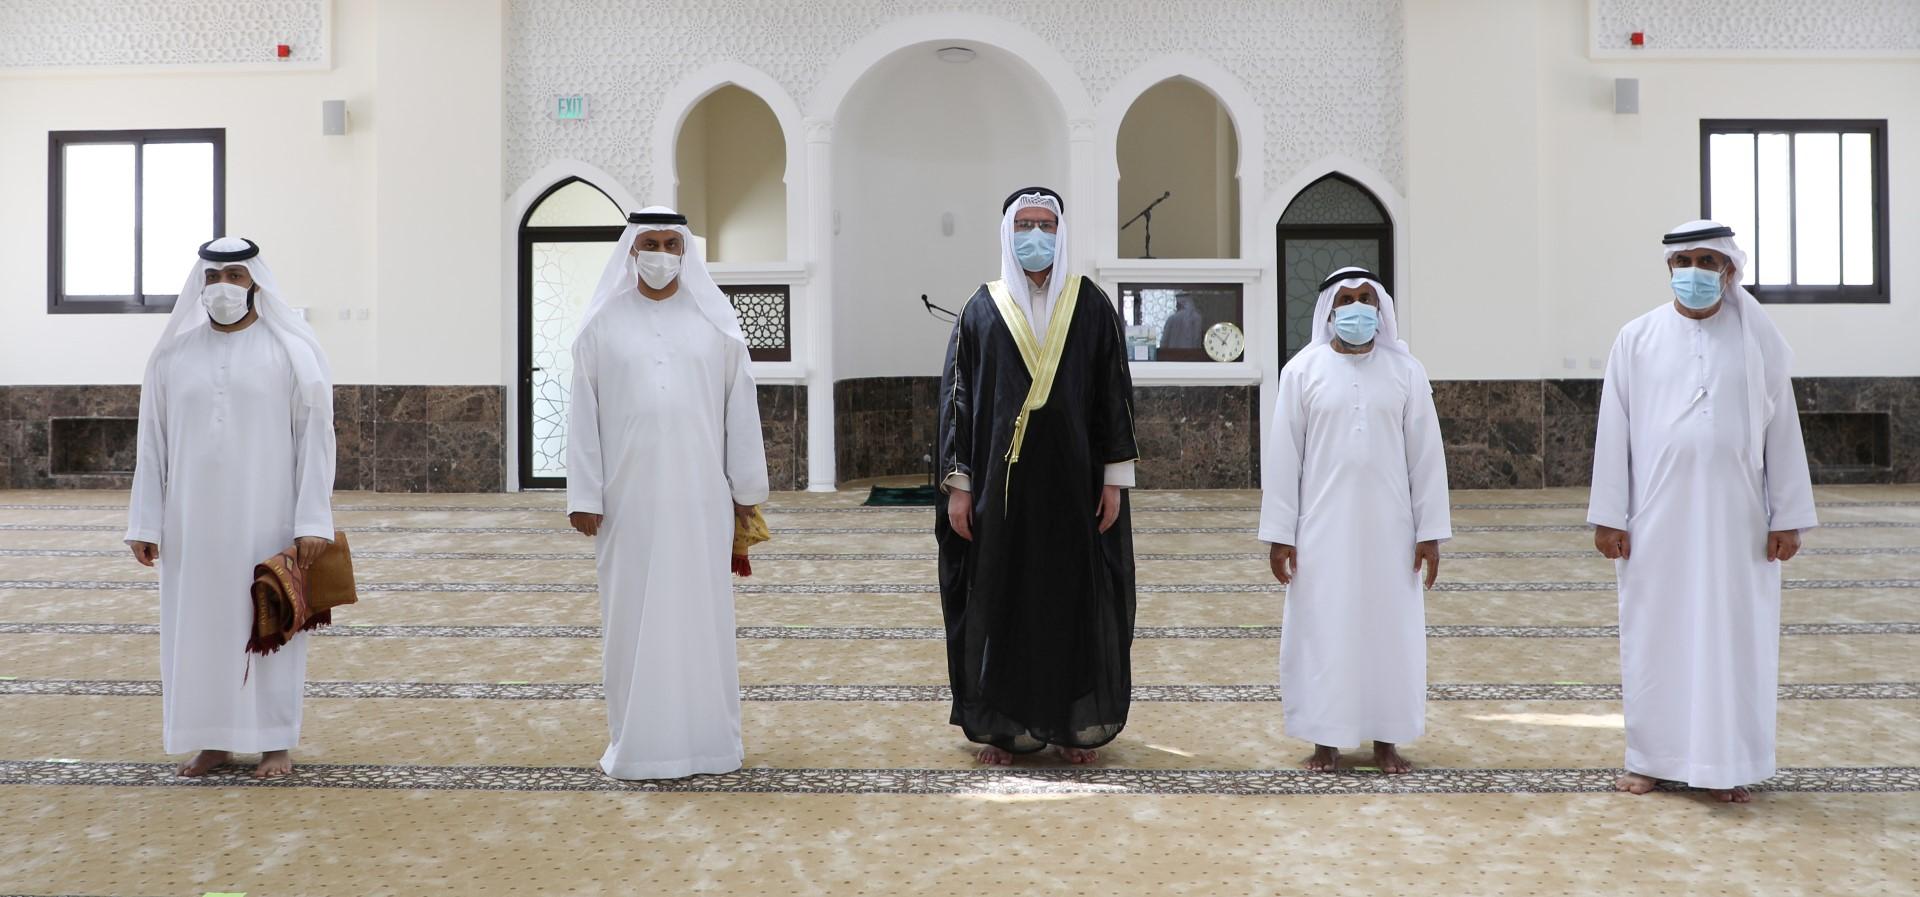 خيرية الشارقة تفتتح مسجدا جديدا في رأس الخيمة